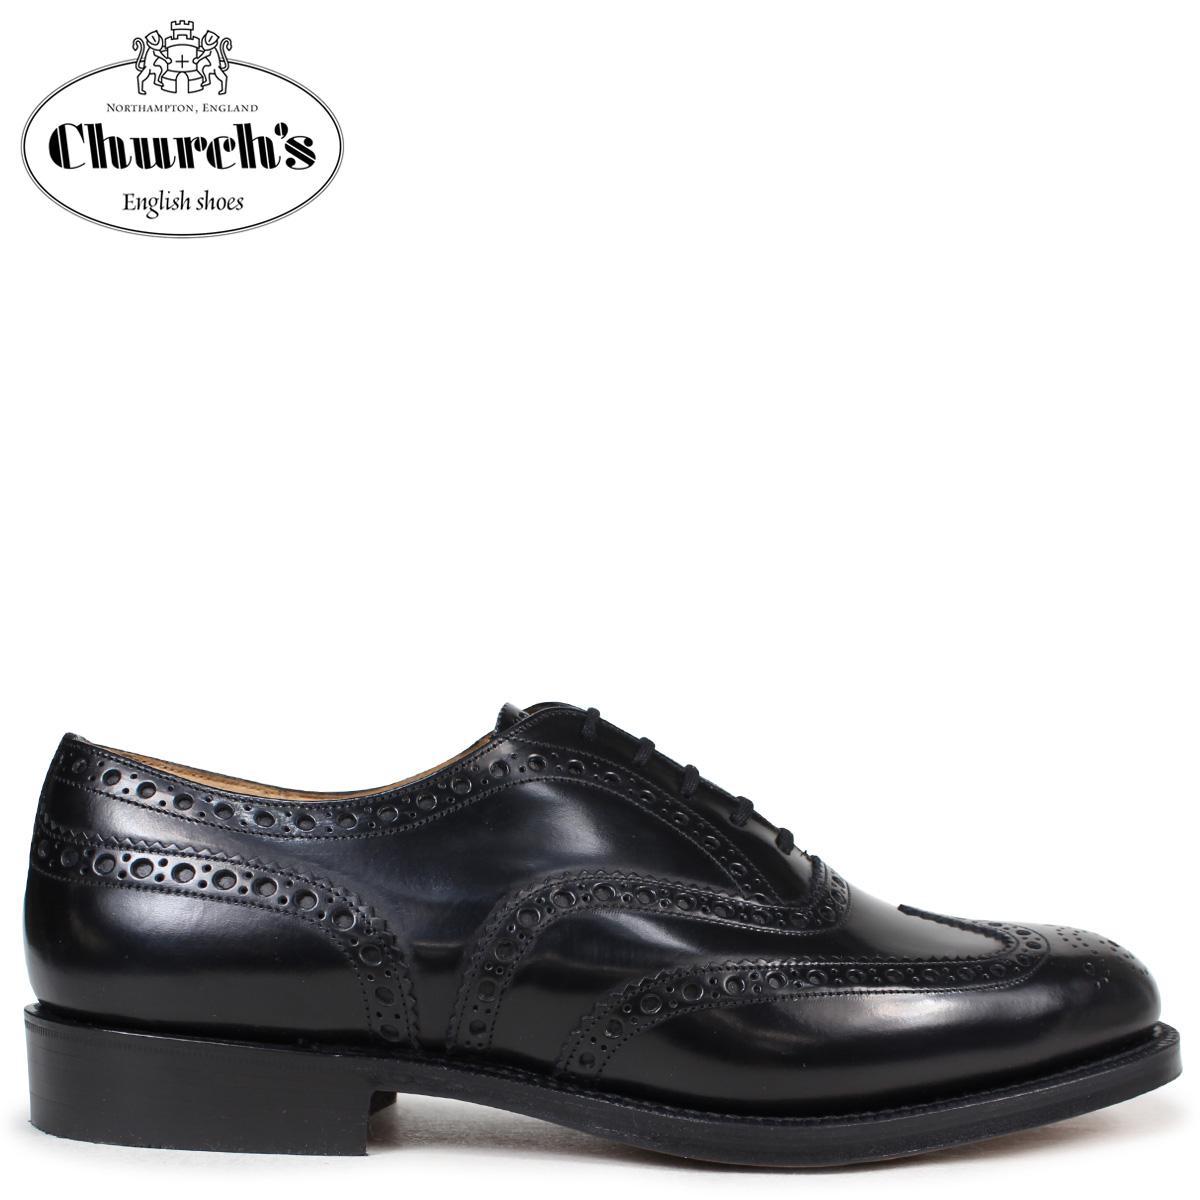 Churchs チャーチ 靴 バーウッド ウイングチップ シューズ メンズ BURWOOD レザー ブラック EEB002